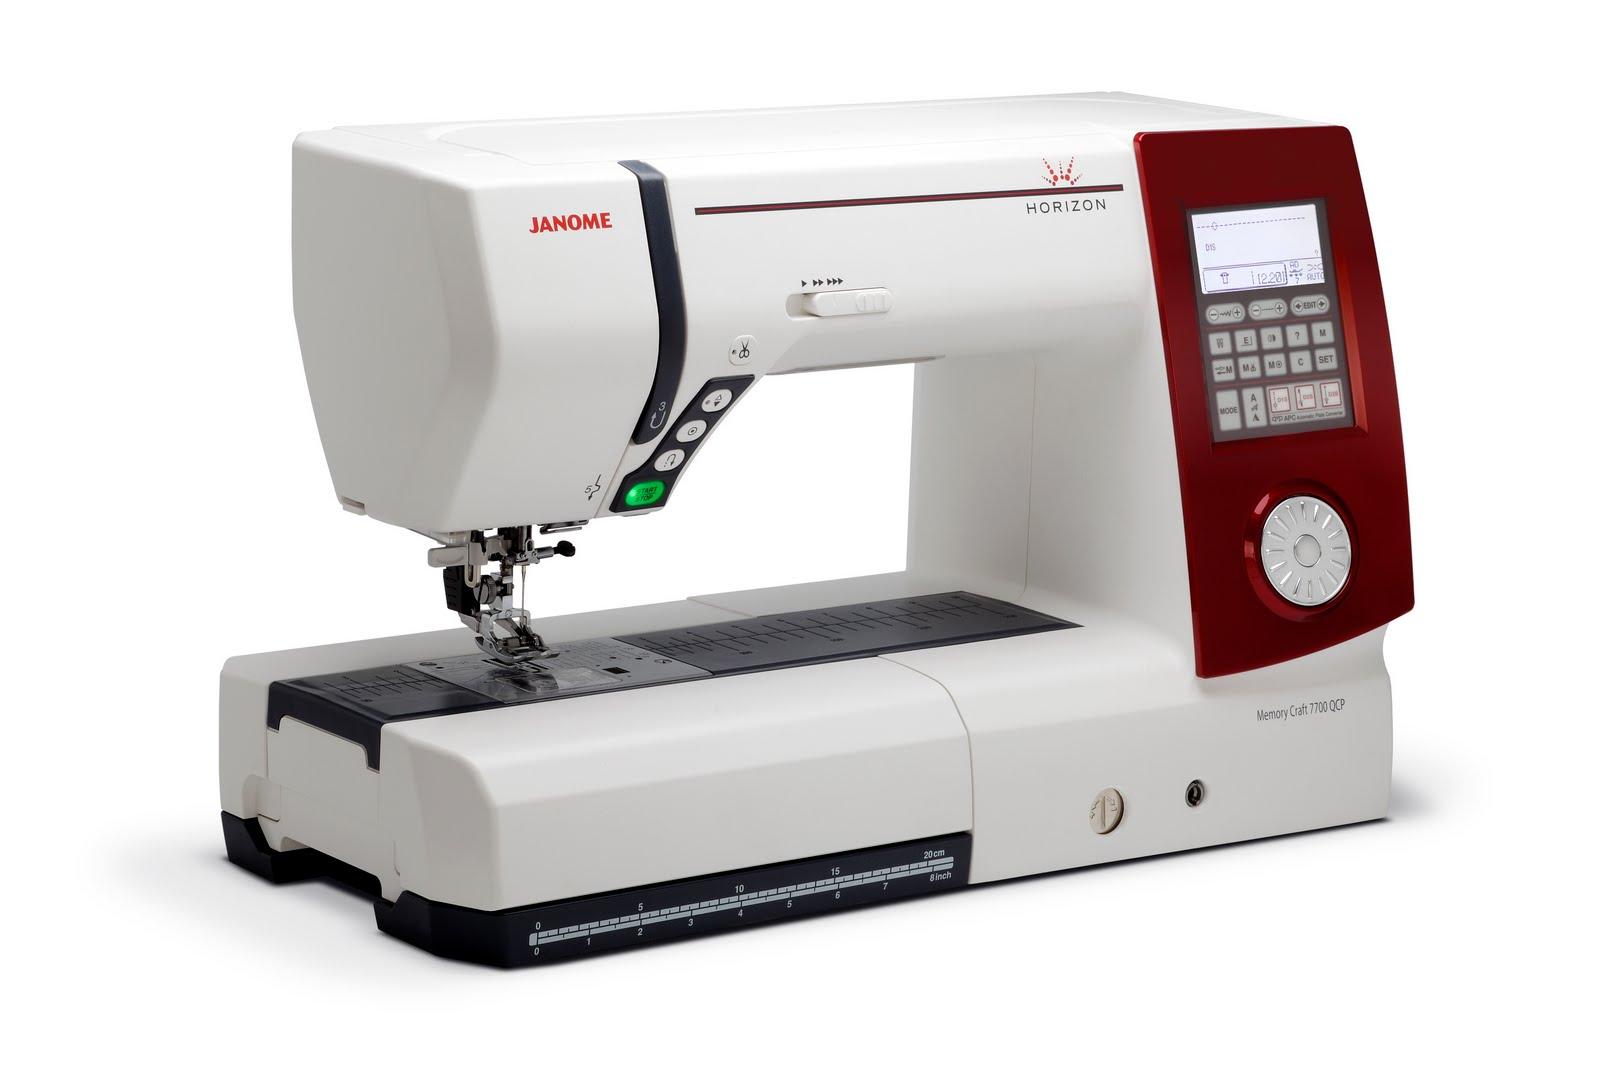 Janome MC 7700 QCPJanome<br>Janome MC 7700 выполняет 250 строчек, выметывает 11 видов петель. У машины есть 3 вида алфавита. Вам отлично помогут электронные функции позиционирования иглы, автоматической обрезки и пр. Кроме того в машину встроен верхний двигатель ткани.<br>